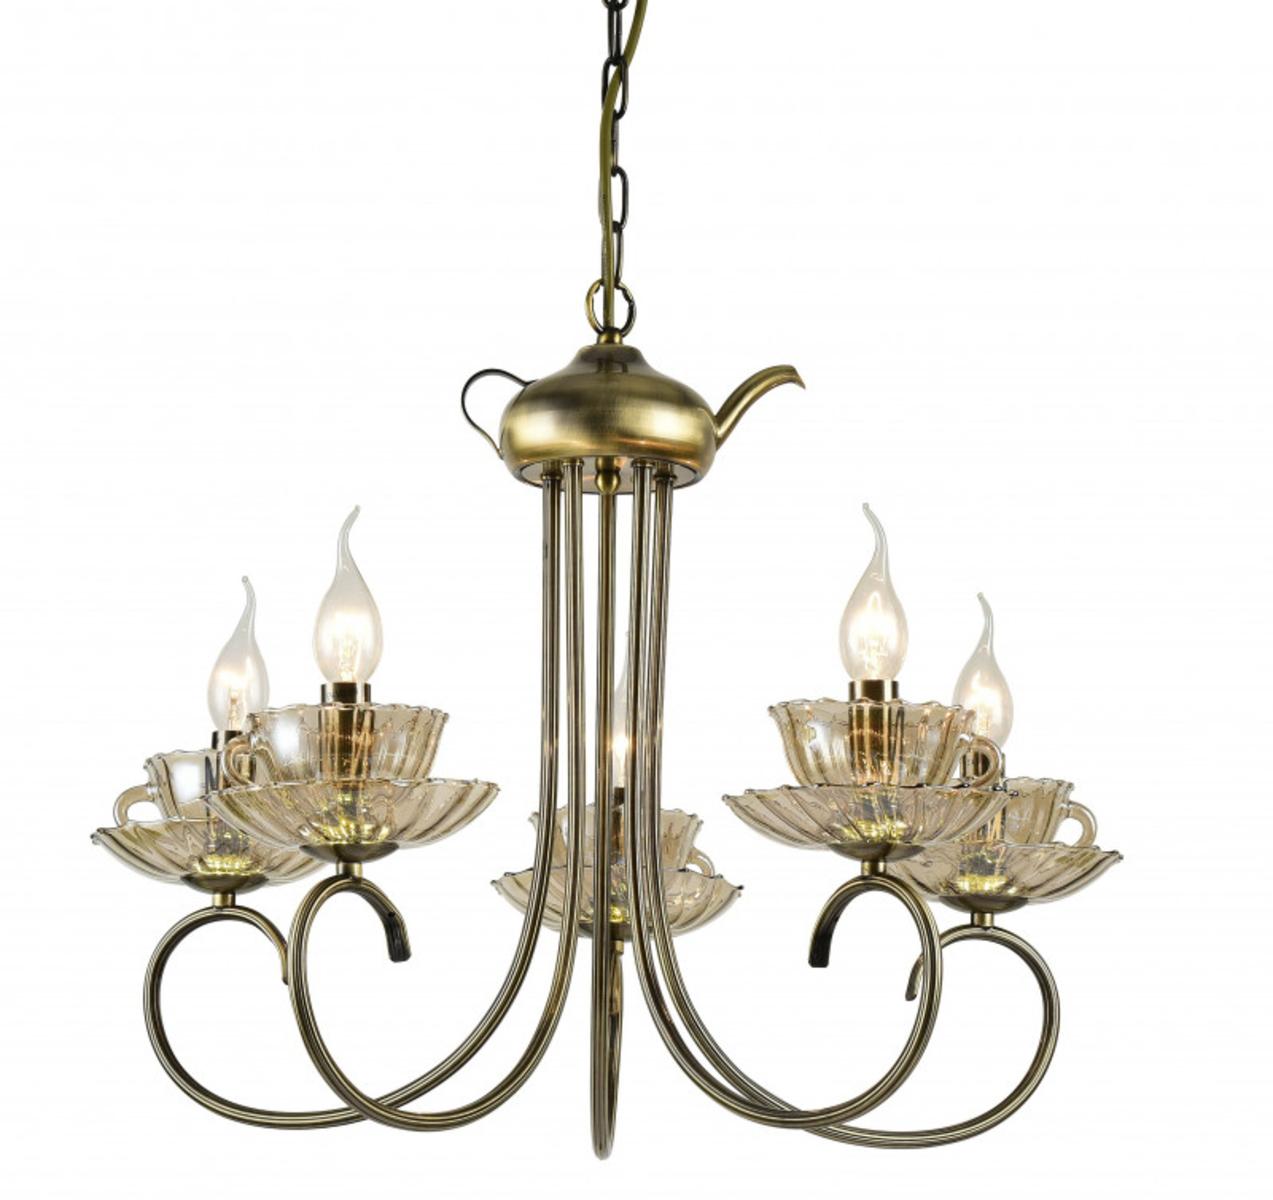 Купить Подвесная люстра TET-A-TET Подвесная люстра ARTE Lamp A1750LM-5AB (13777), HomeMe